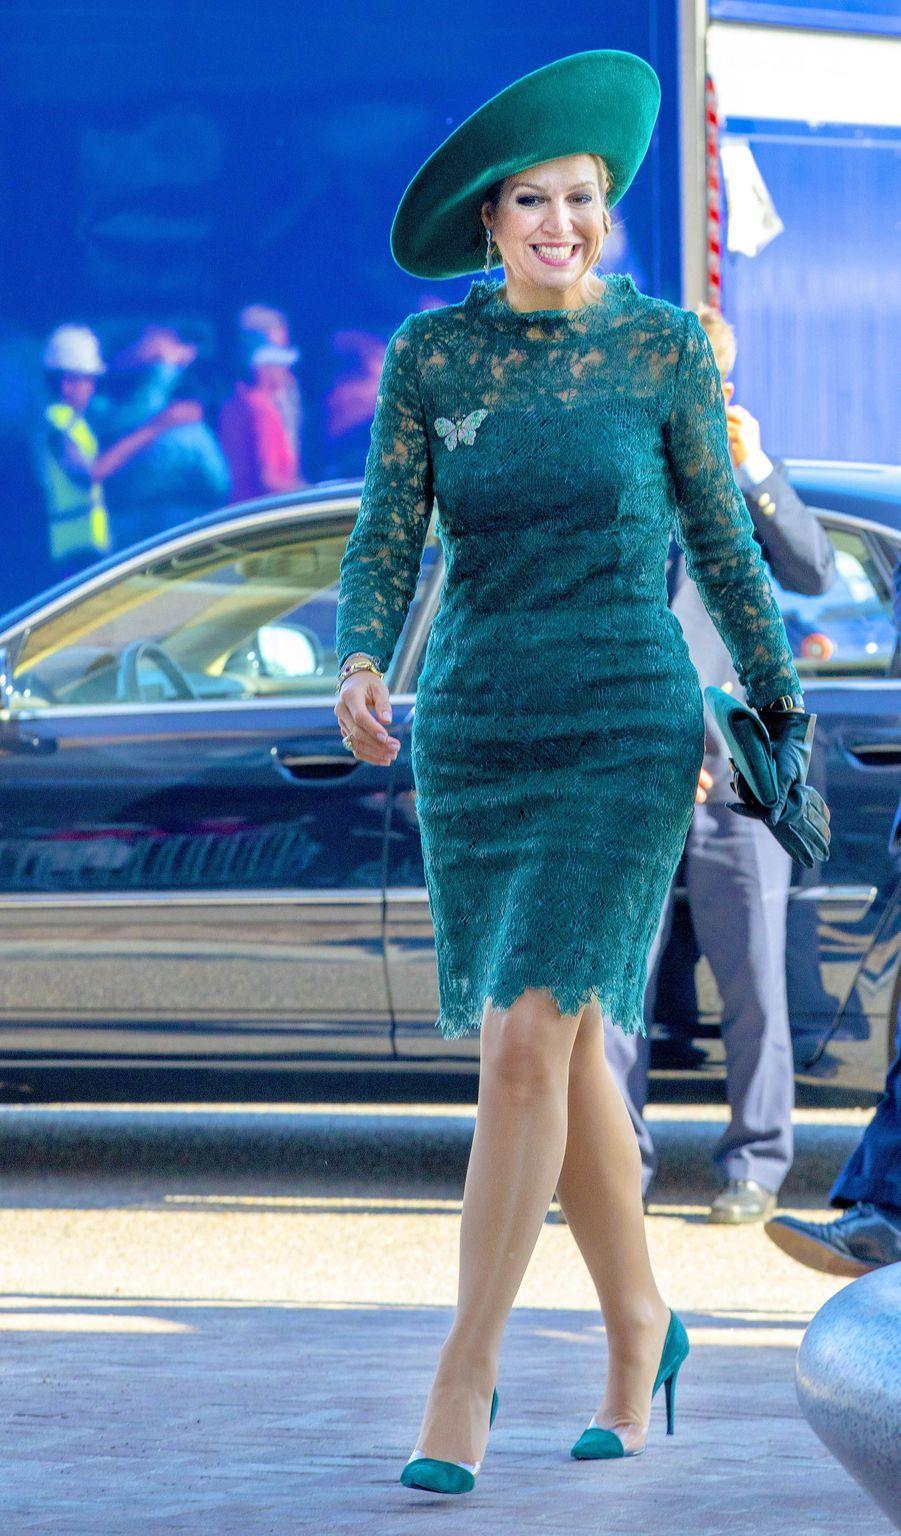 La reine Maxima des Pays-Bas en total look vert sapin à Utrecht, le 5 octobre 2018